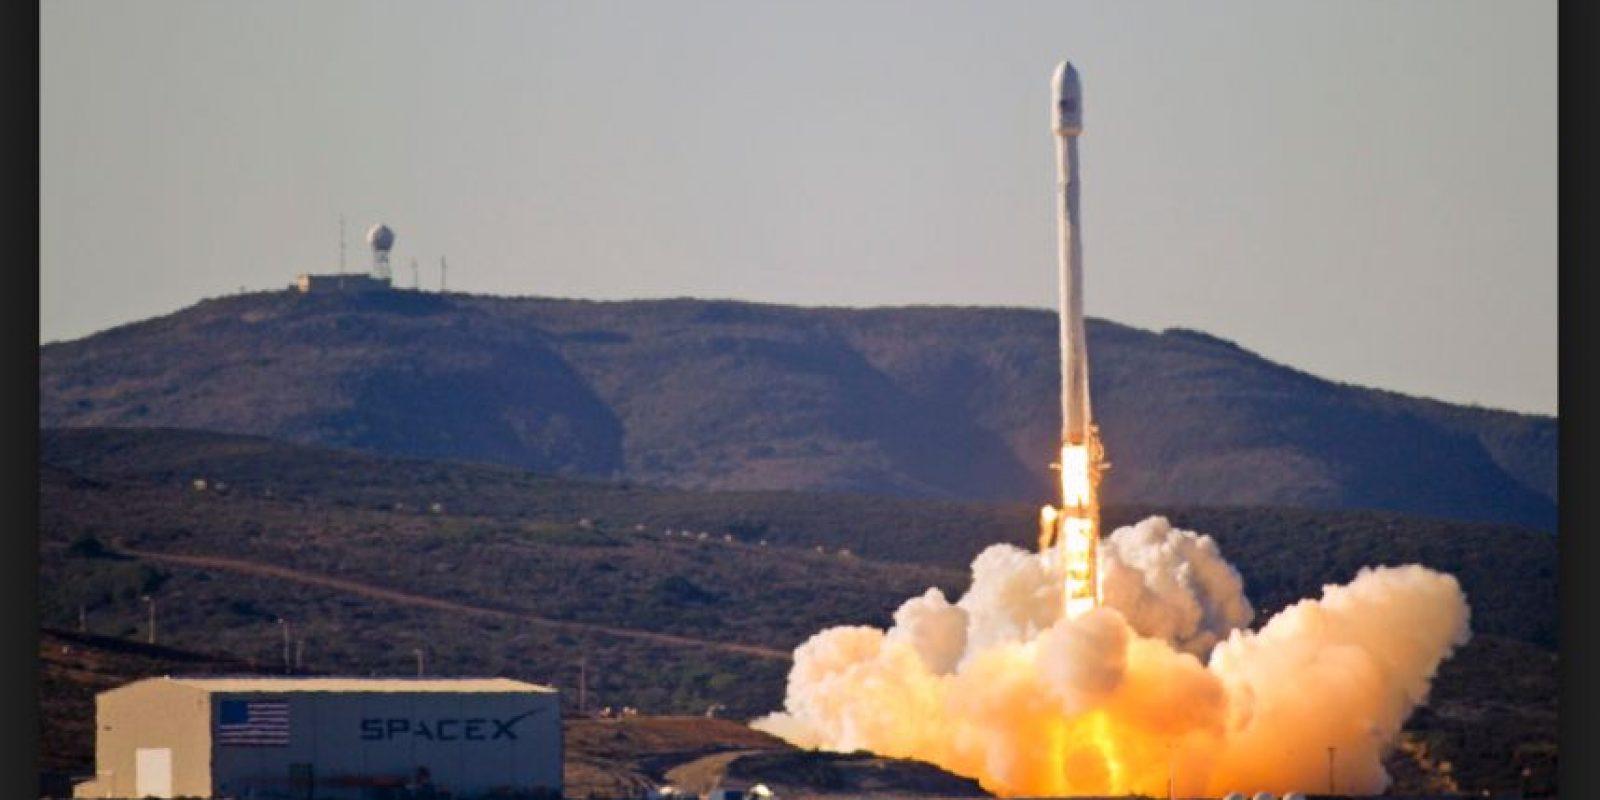 El prototipo de un cohete Falcon 9, de la compañía SpaceX, sufrió un accidente durante un vuelo de prueba Foto:Wikicommons